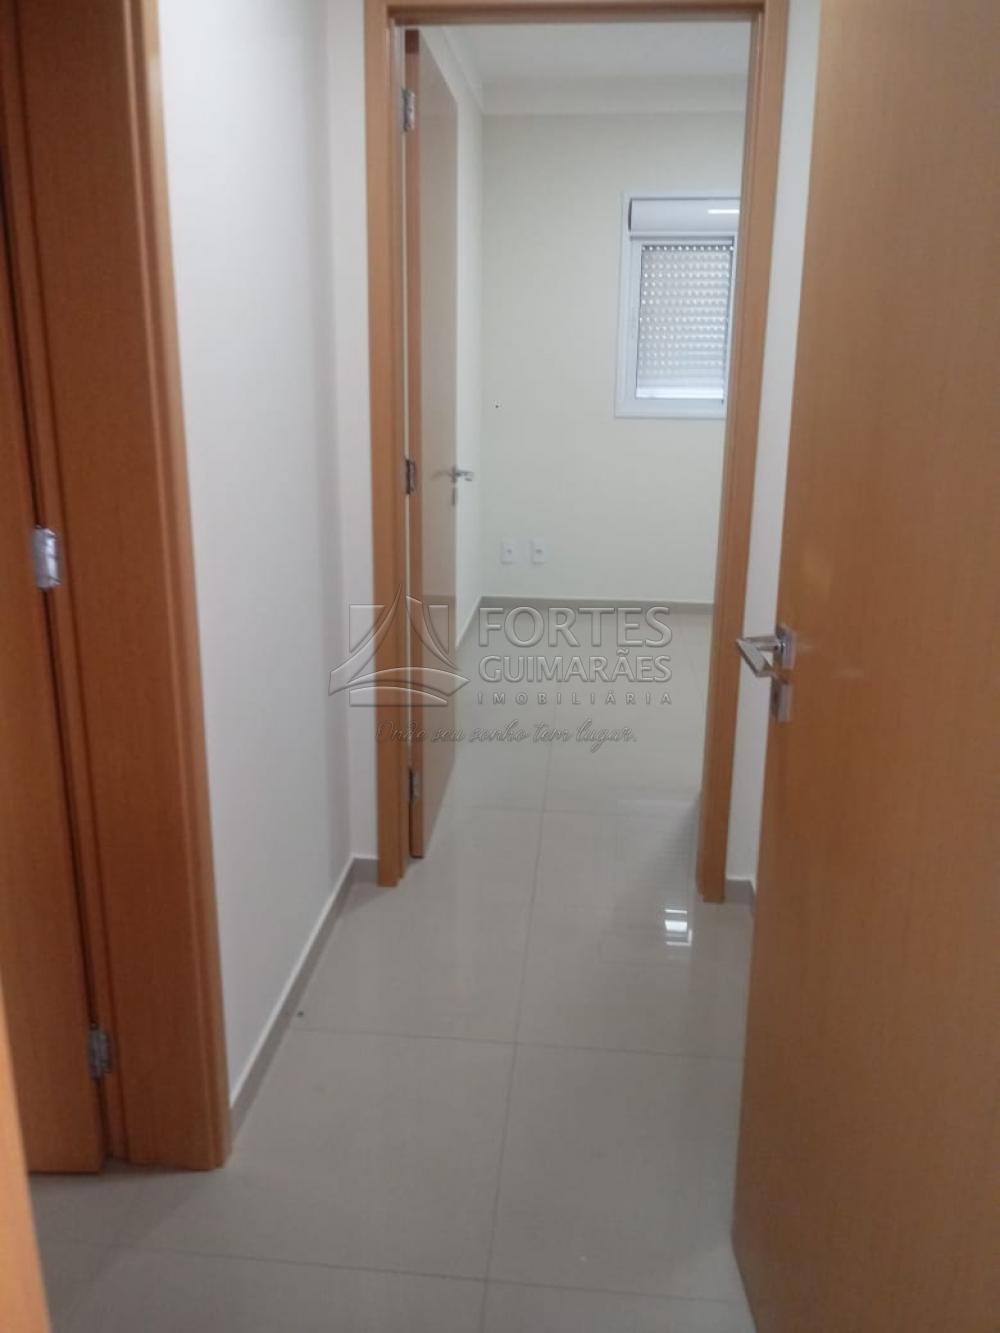 Alugar Apartamentos / Padrão em Ribeirão Preto apenas R$ 3.200,00 - Foto 16